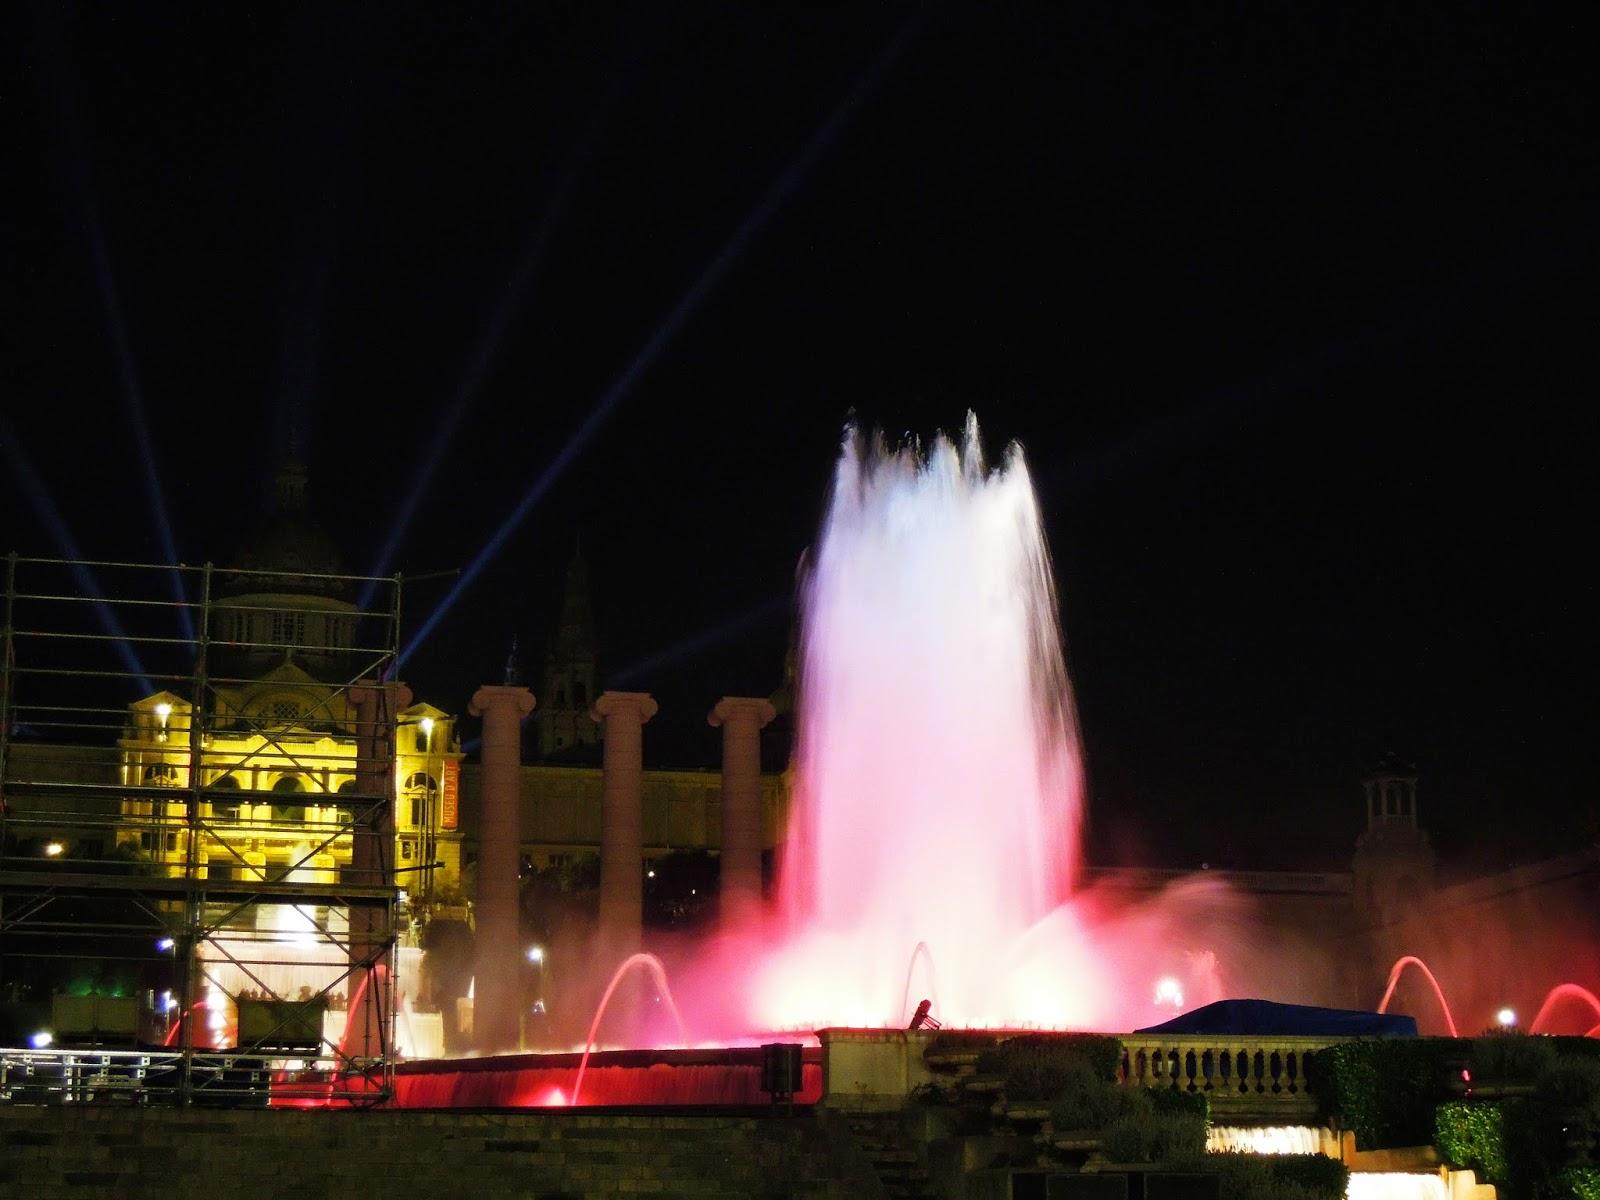 Lo spettacolo di luci e suoni delle fontane danzanti a Barcellona